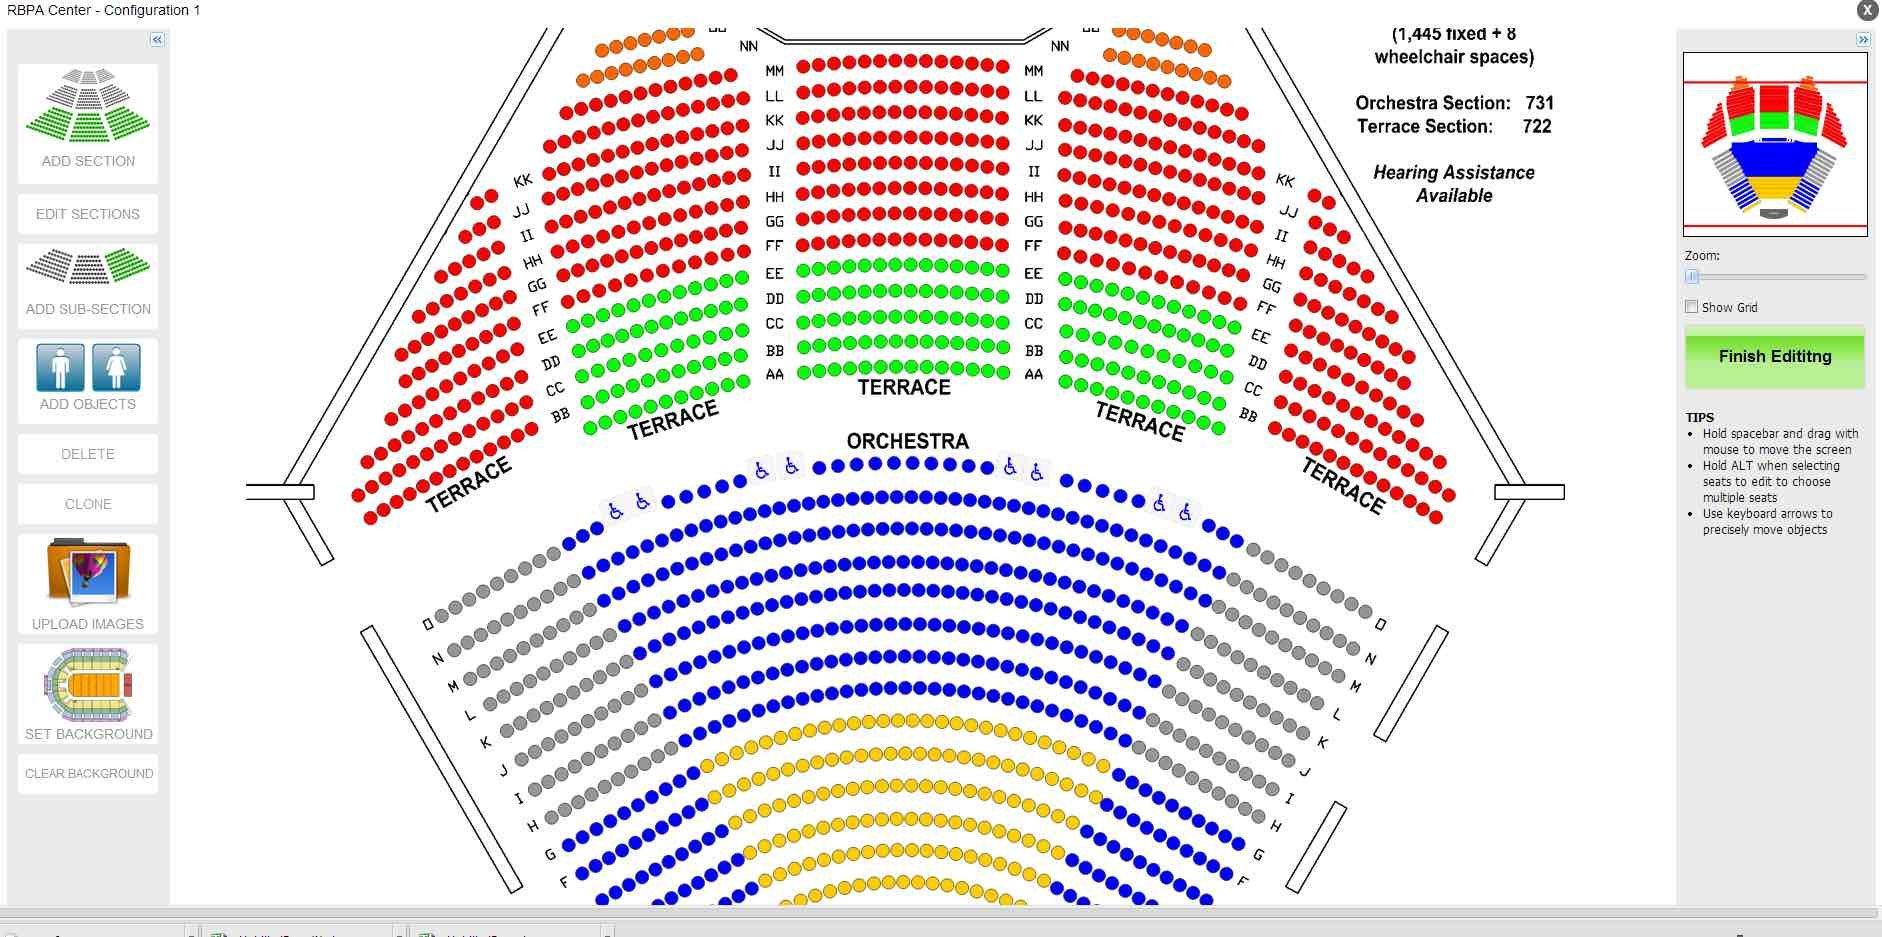 purplepass seating chart